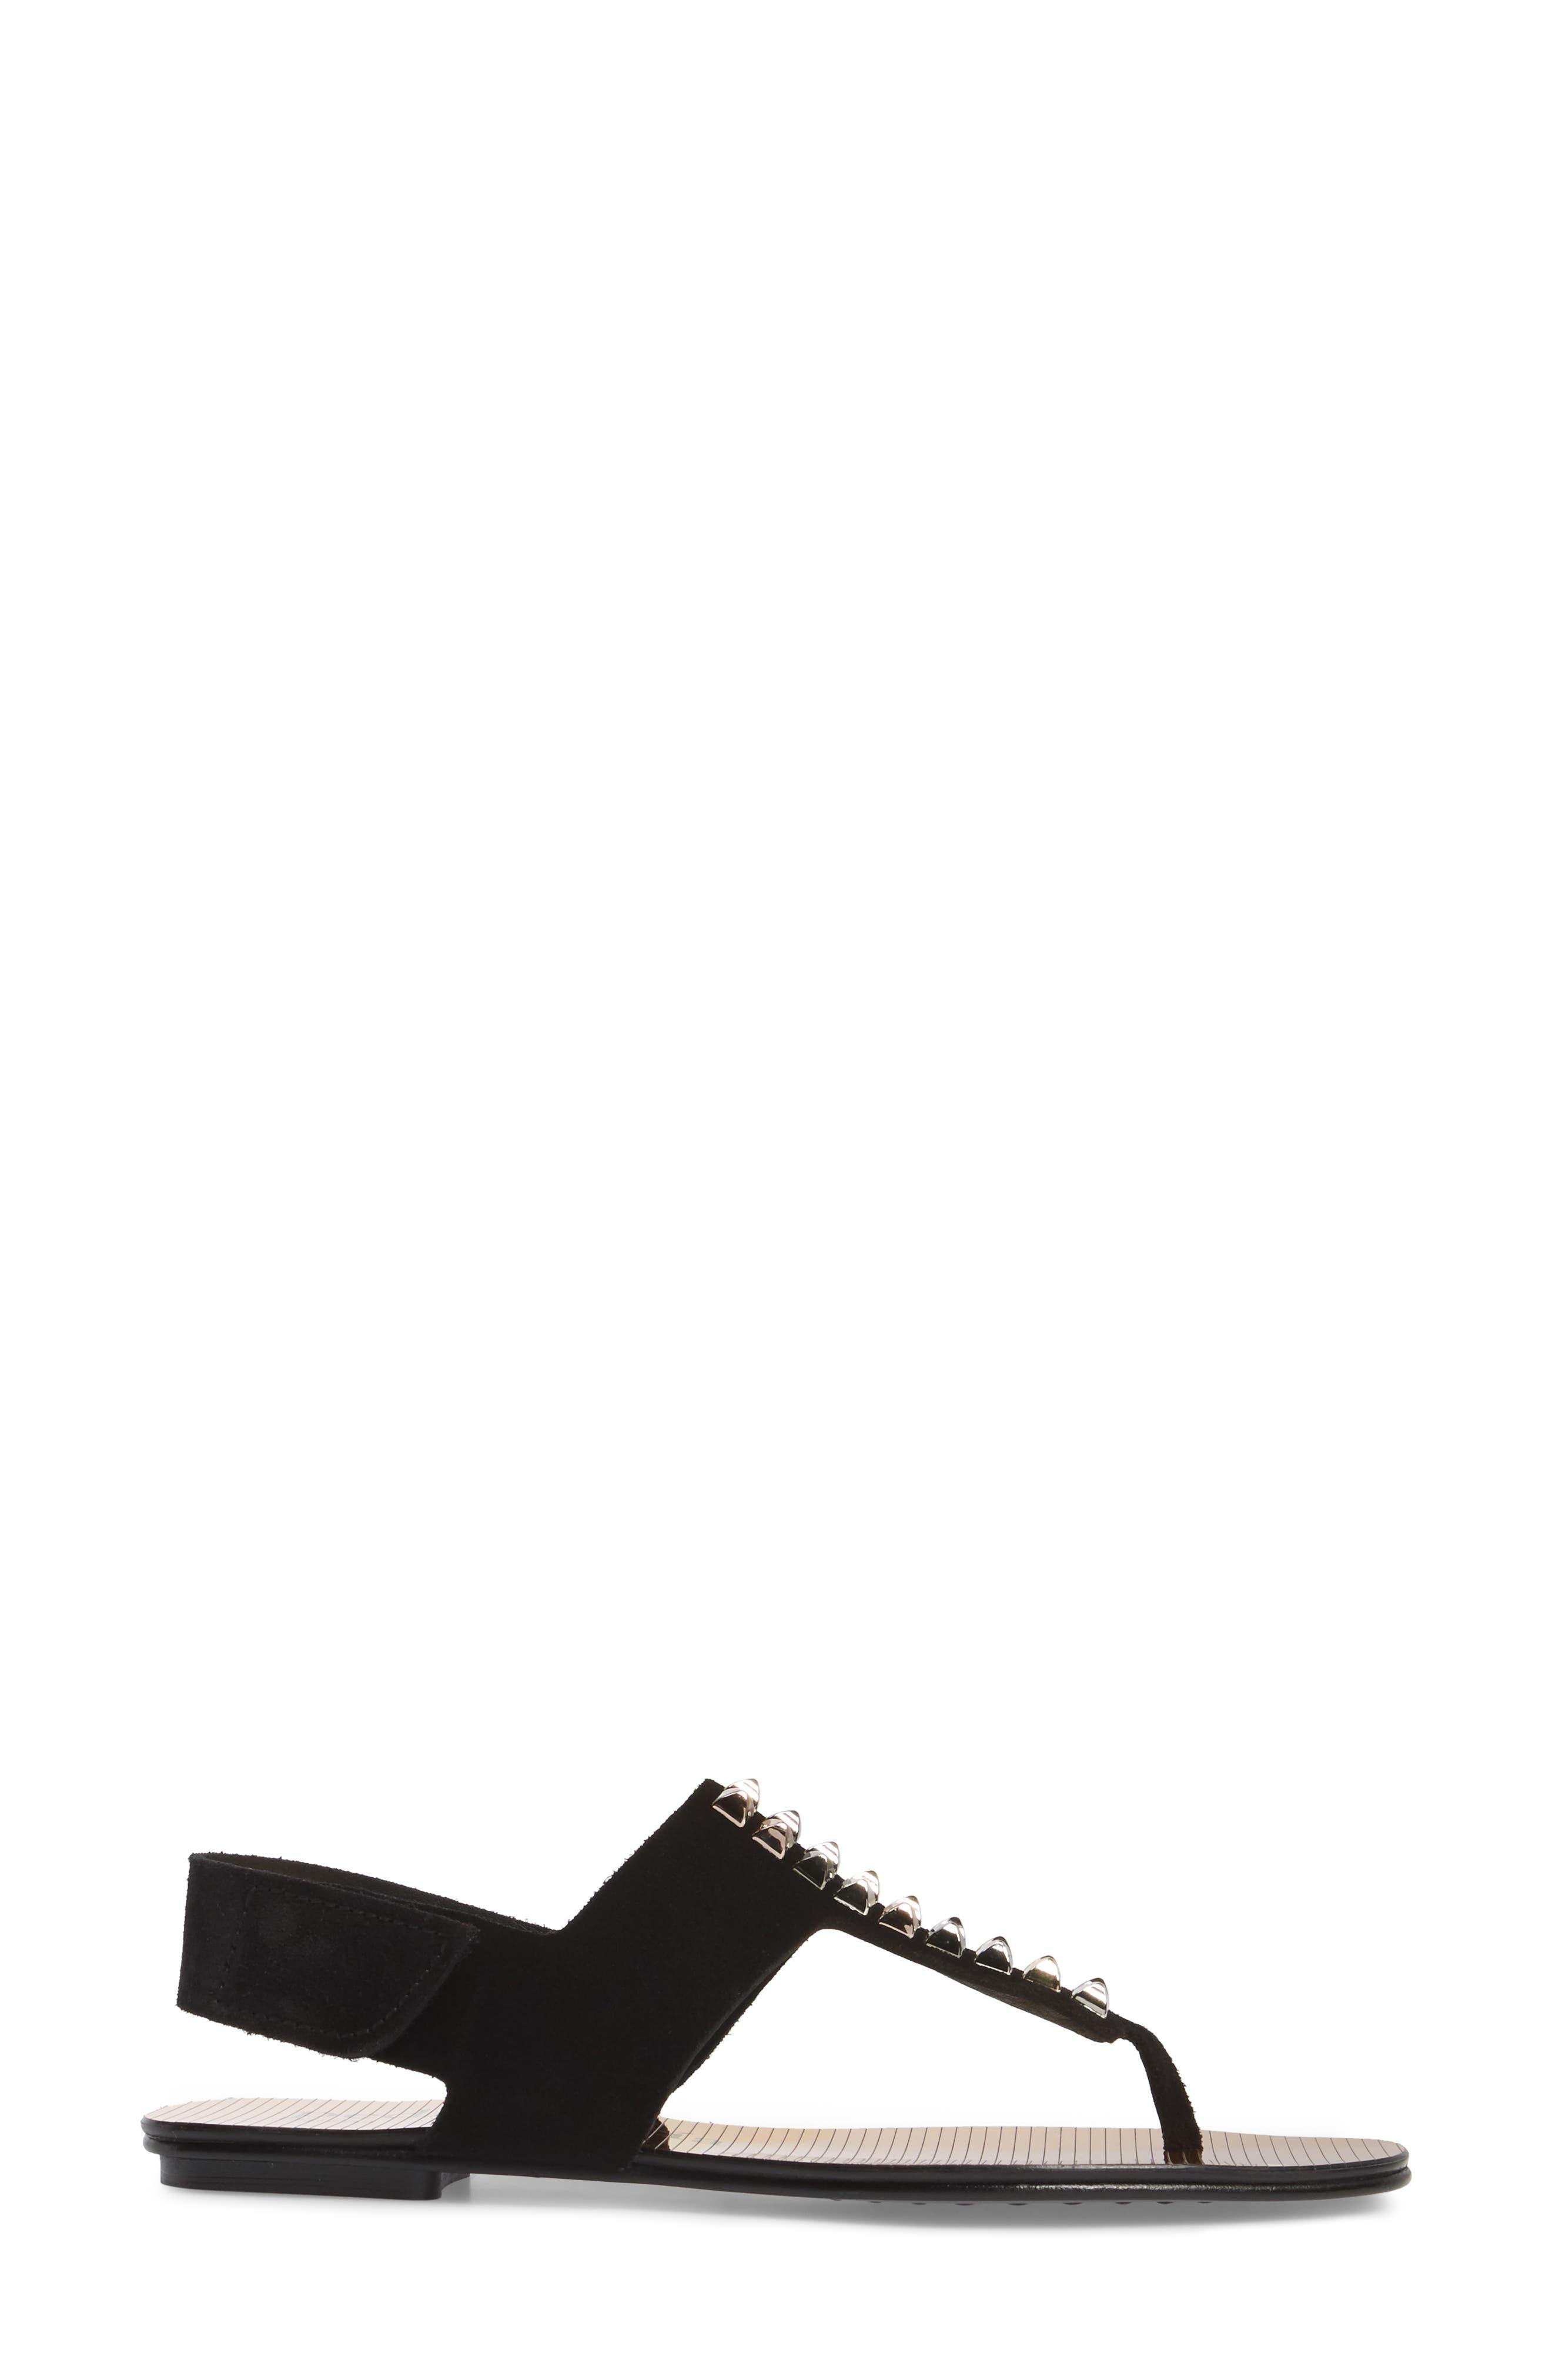 Enid Studded T-Strap Sandal,                             Alternate thumbnail 3, color,                             001